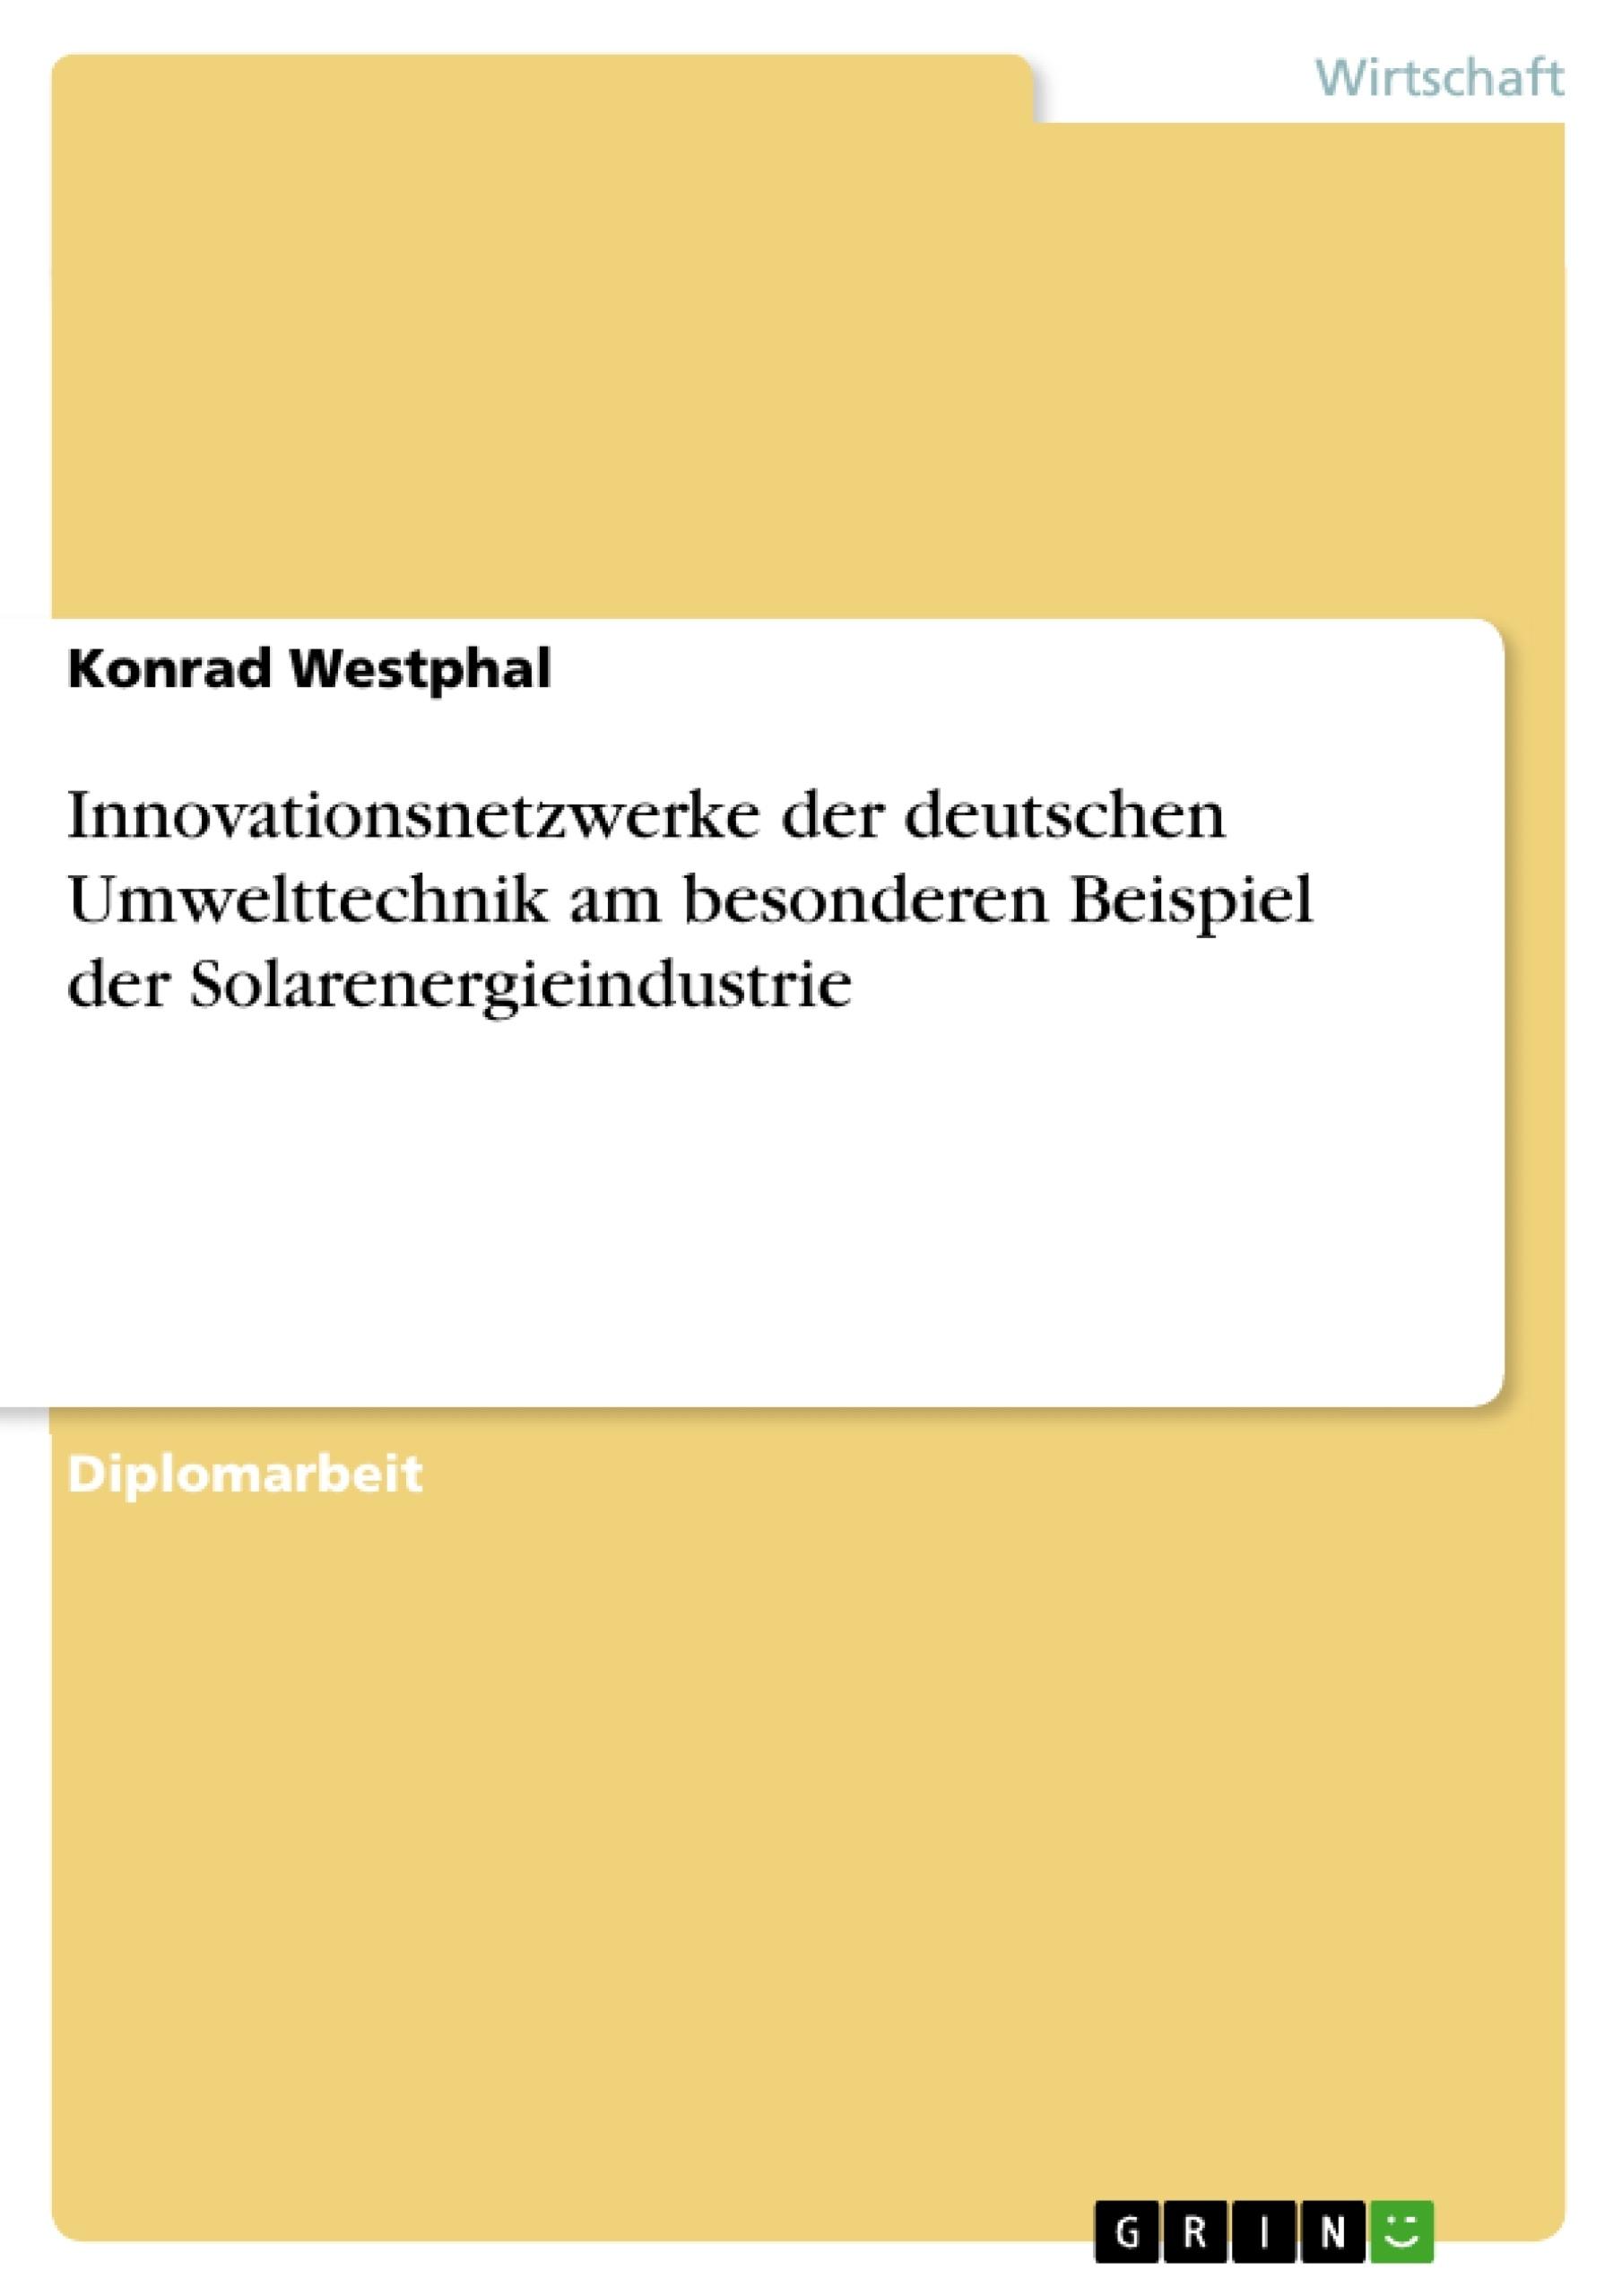 Titel: Innovationsnetzwerke der deutschen Umwelttechnik am besonderen Beispiel der Solarenergieindustrie